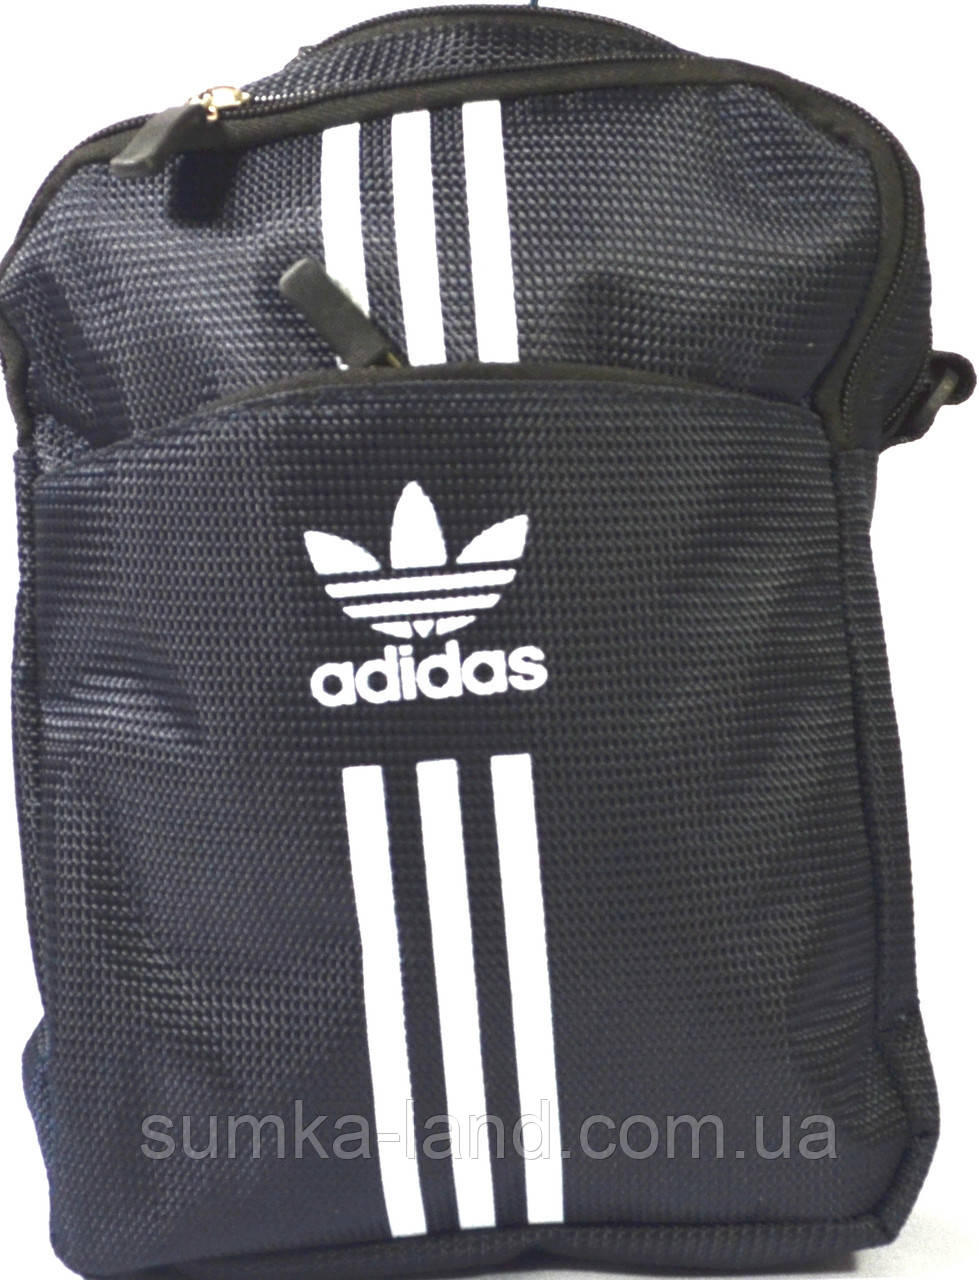 dbb340abc794 Мужская барсетка Adidas большая через плечо: продажа, цена в ...